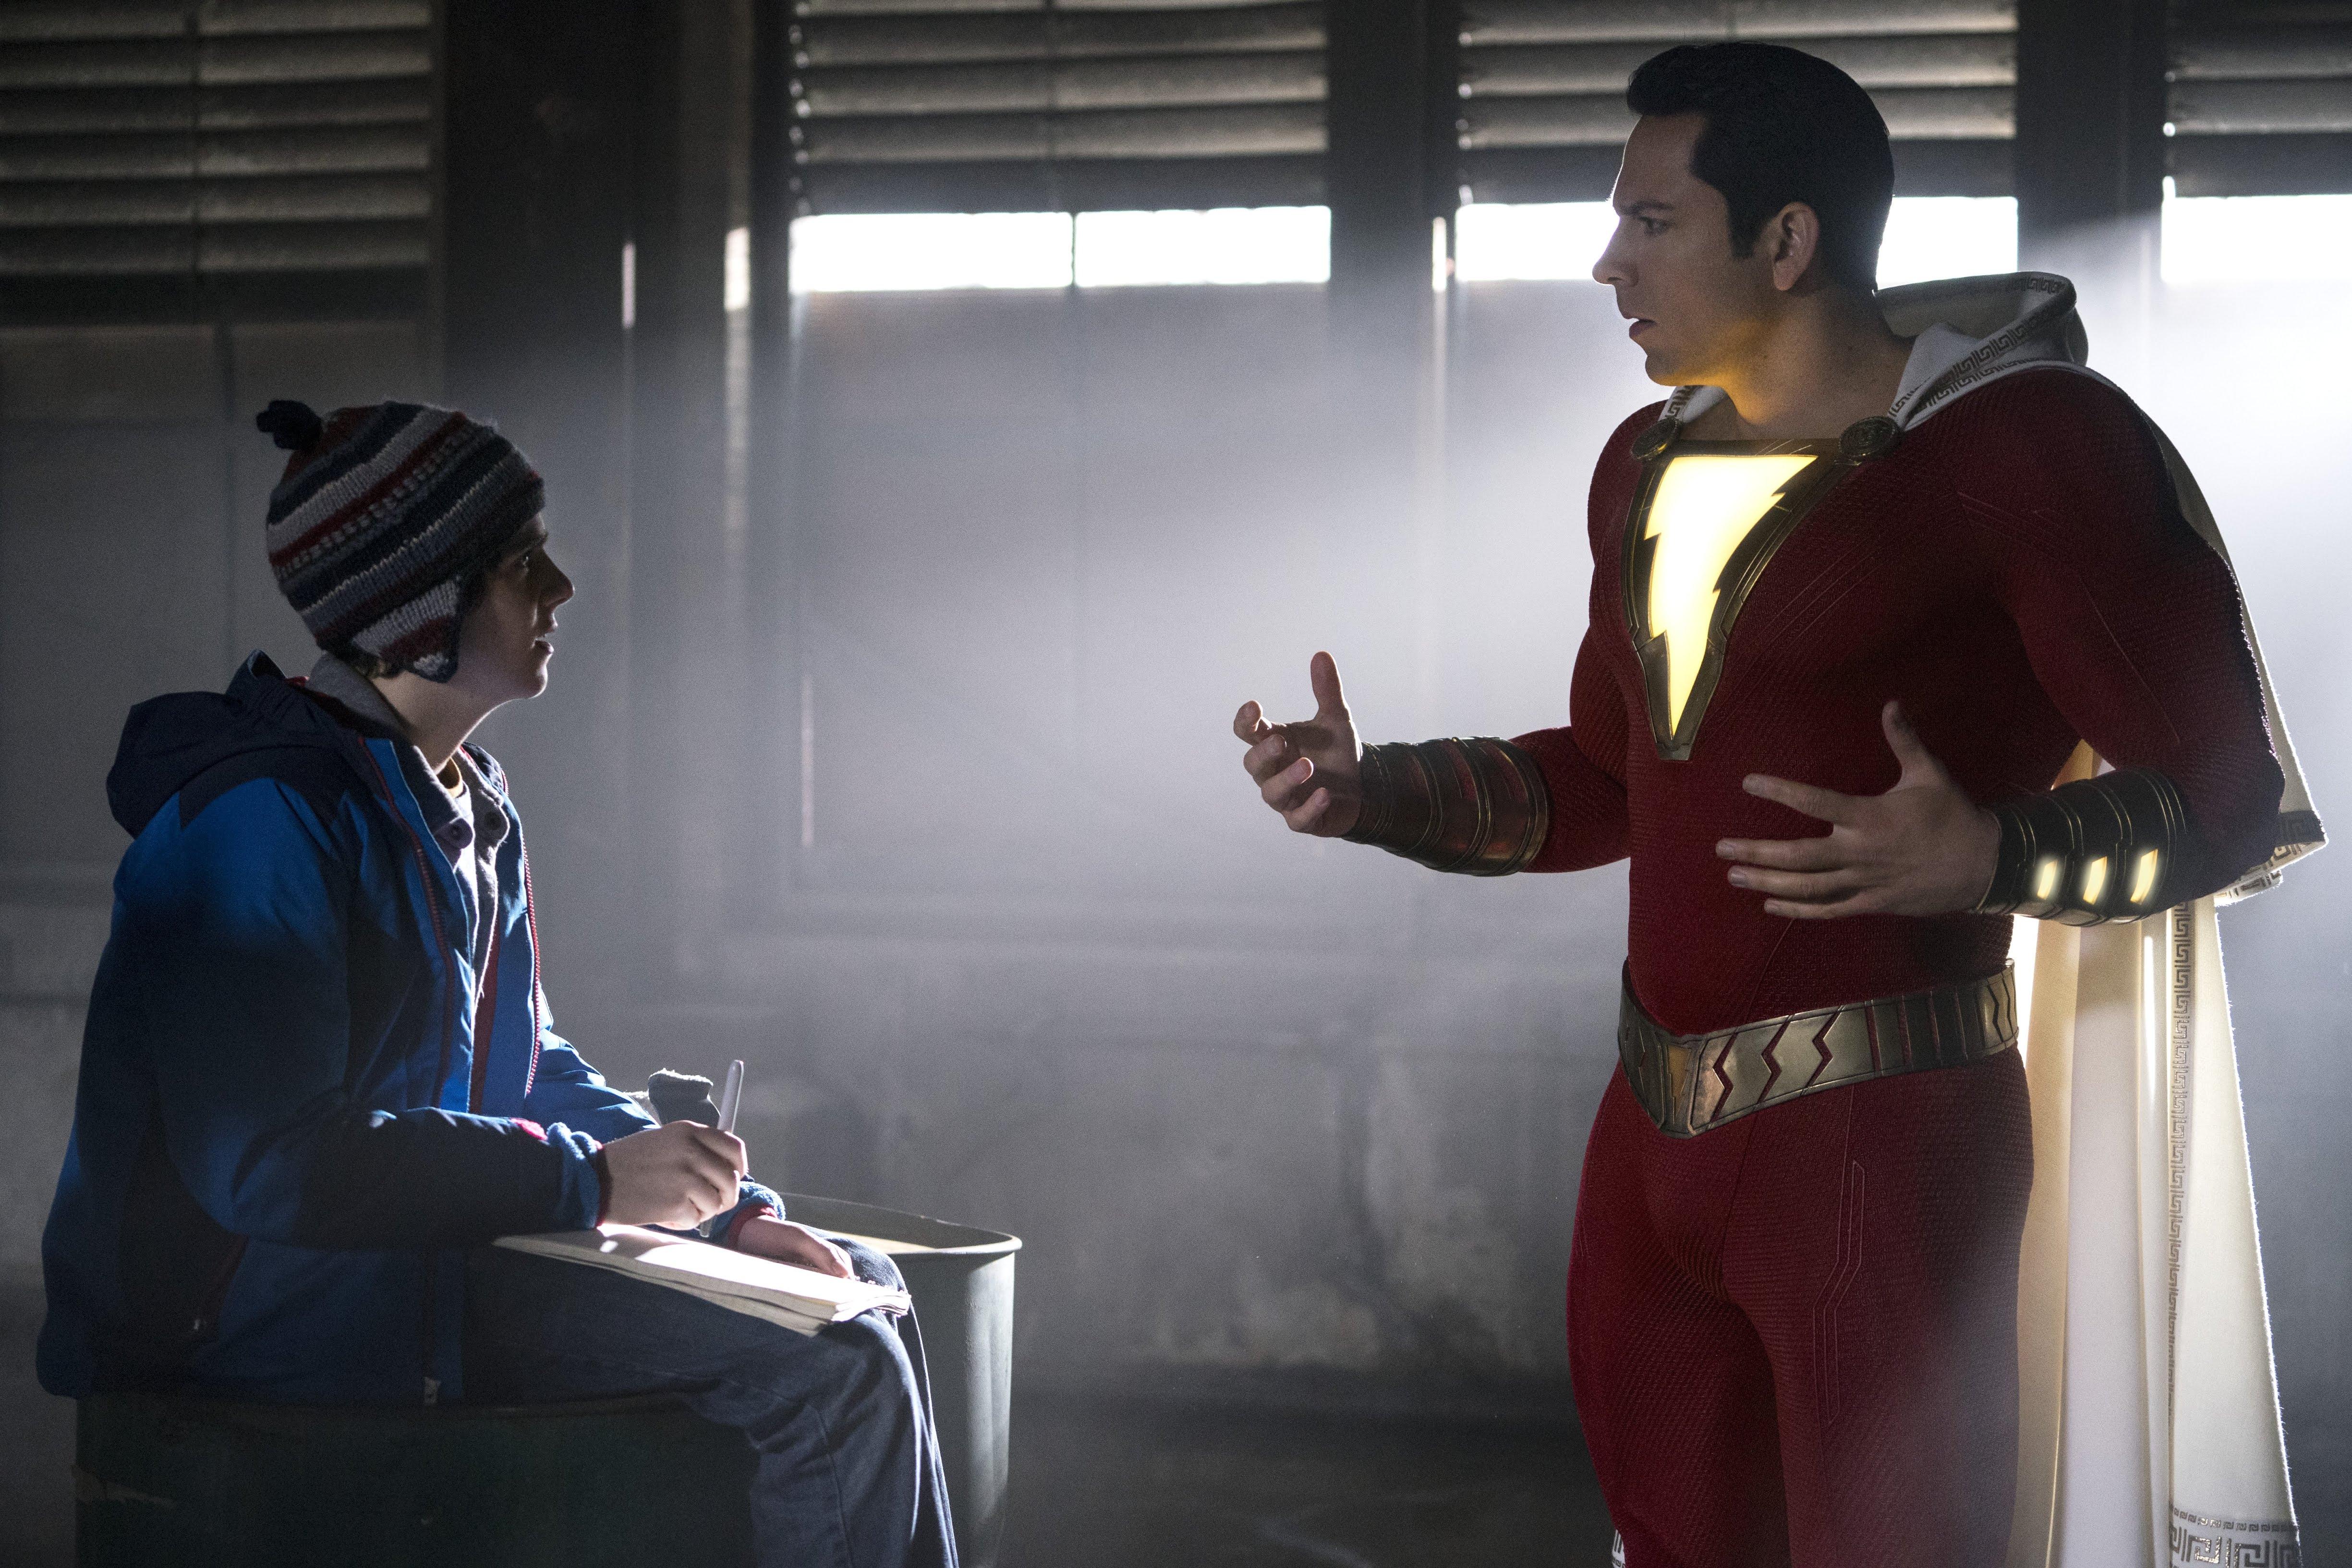 Shazam : ワーナー・DCのコミック映画「シャザム」が、思いがけずヒーローになってしまった少年が試行錯誤のすえ、自分に秘められた特別なパワーを見つけ出す愉快な本編シーンのビデオ・クリップをリリース ! !